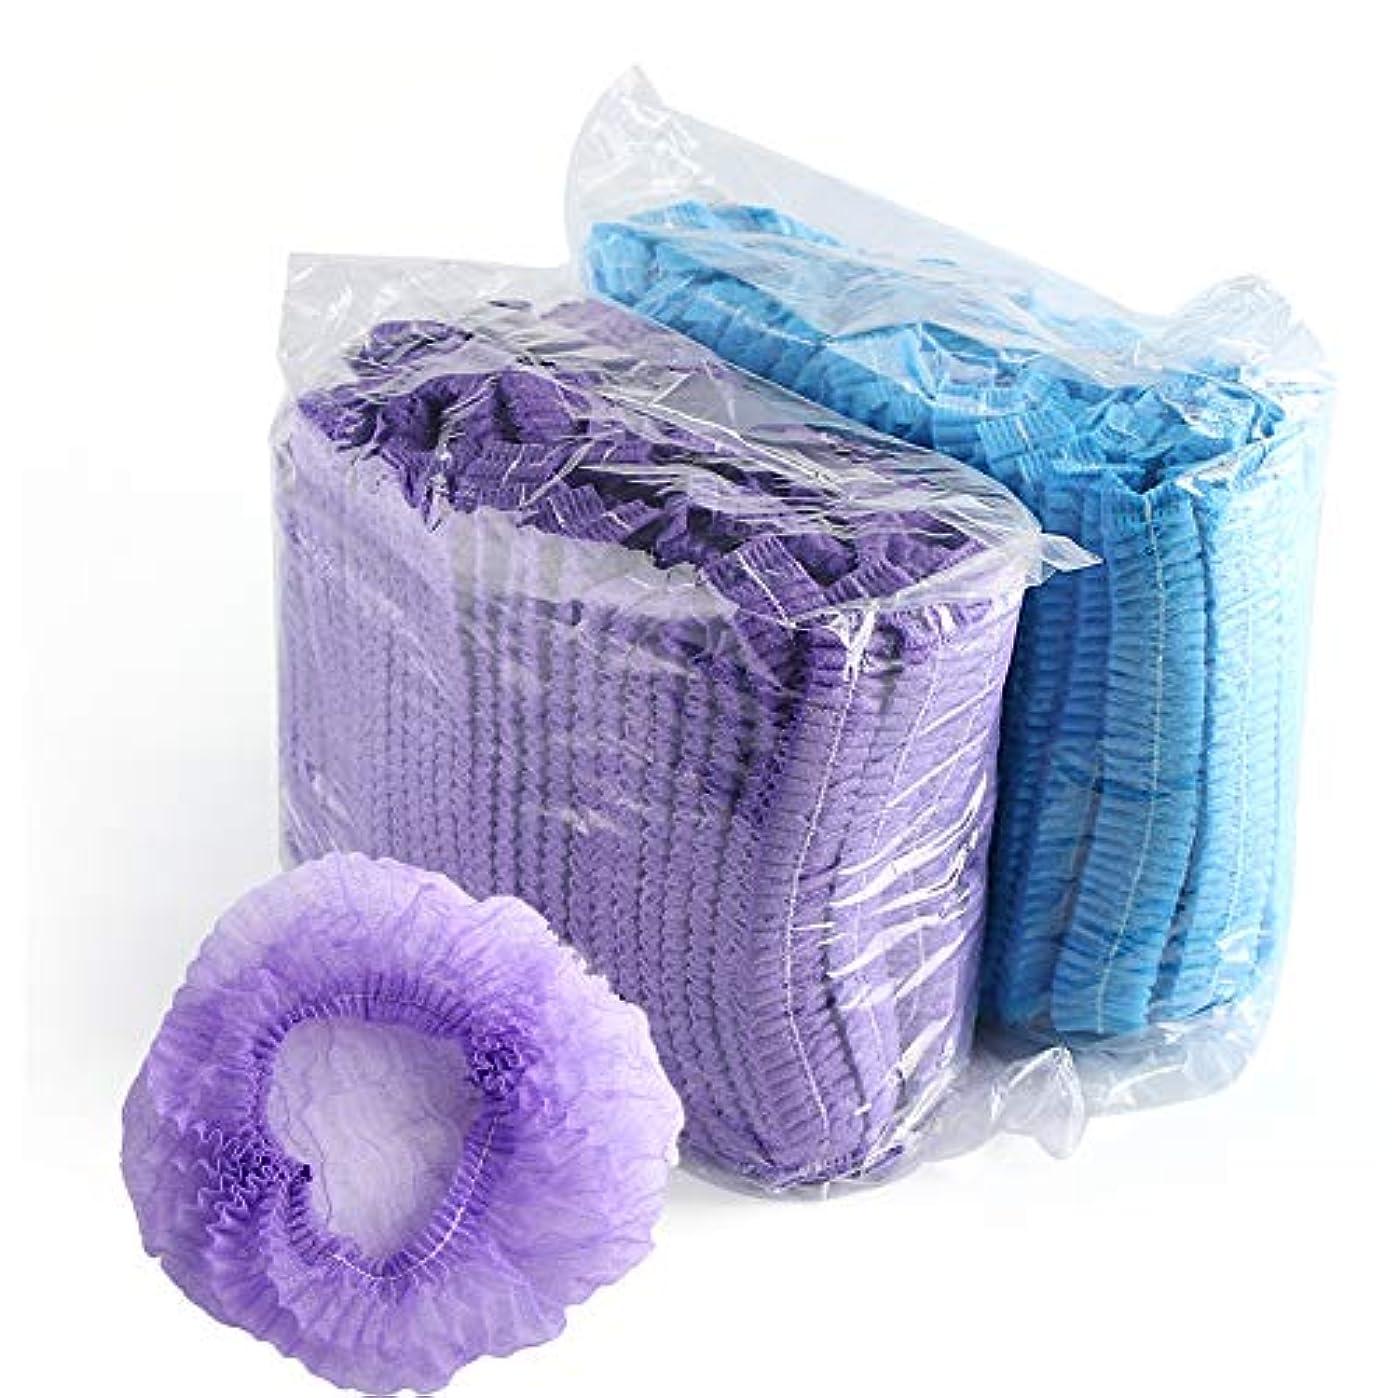 からかう四半期からに変化する100ピース使い捨てストリップシャワーキャップ不織布シャワーキャップホテルシャワーキャップ染めヘアキャップ防水クリーニング美容サロンタトゥー帽子 (Blue)